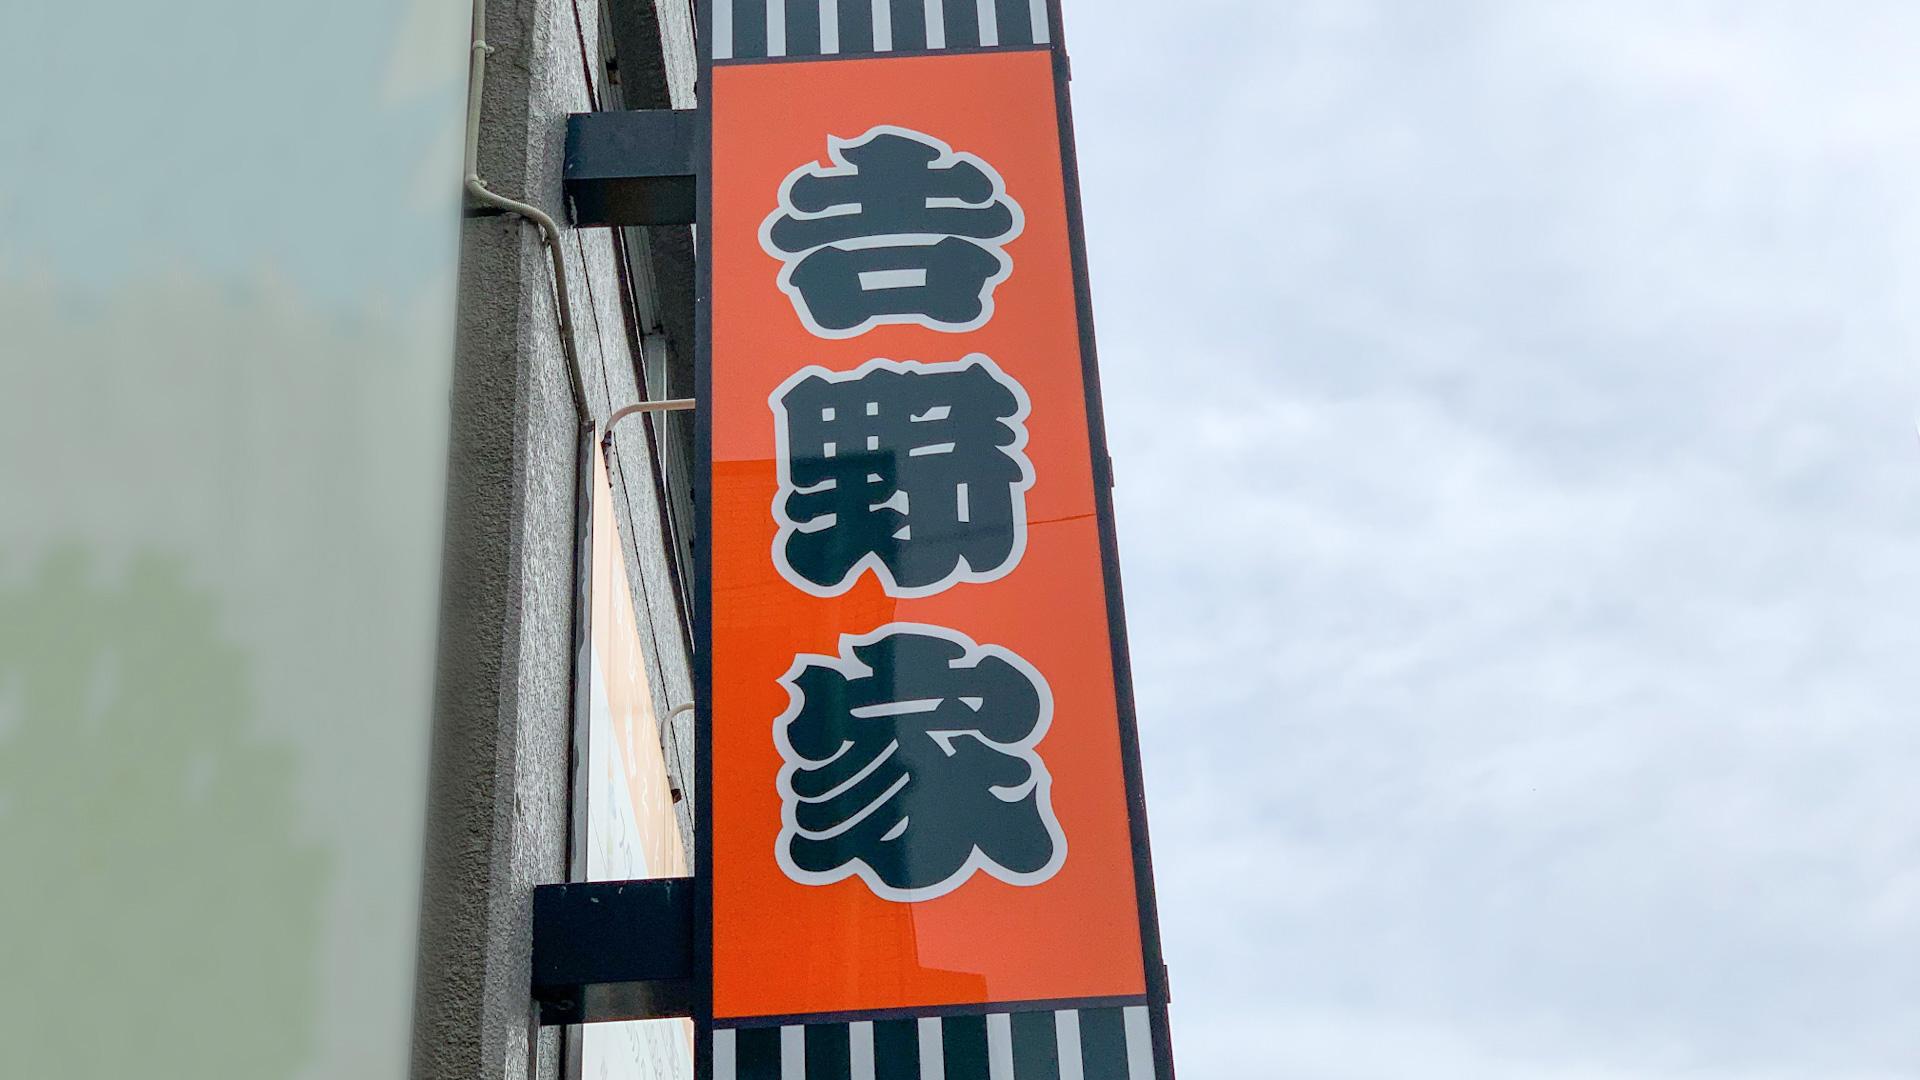 吉野家の通販を徹底調査!お店の牛丼がお家で手軽に楽しめるってホント?